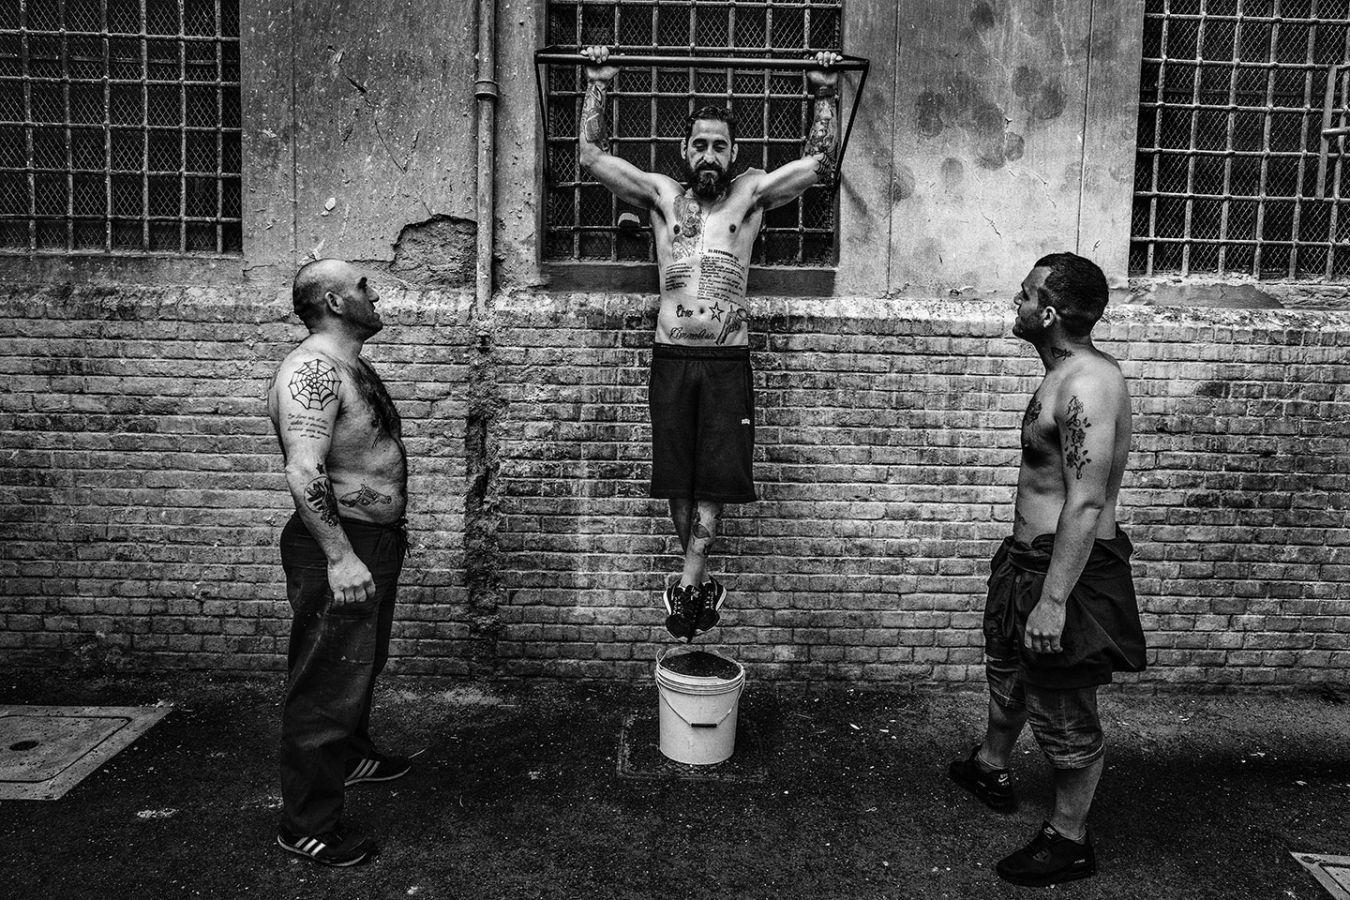 Фигура Христа в римской тюрьме Регина Коэли, 15 мая 2019 г.